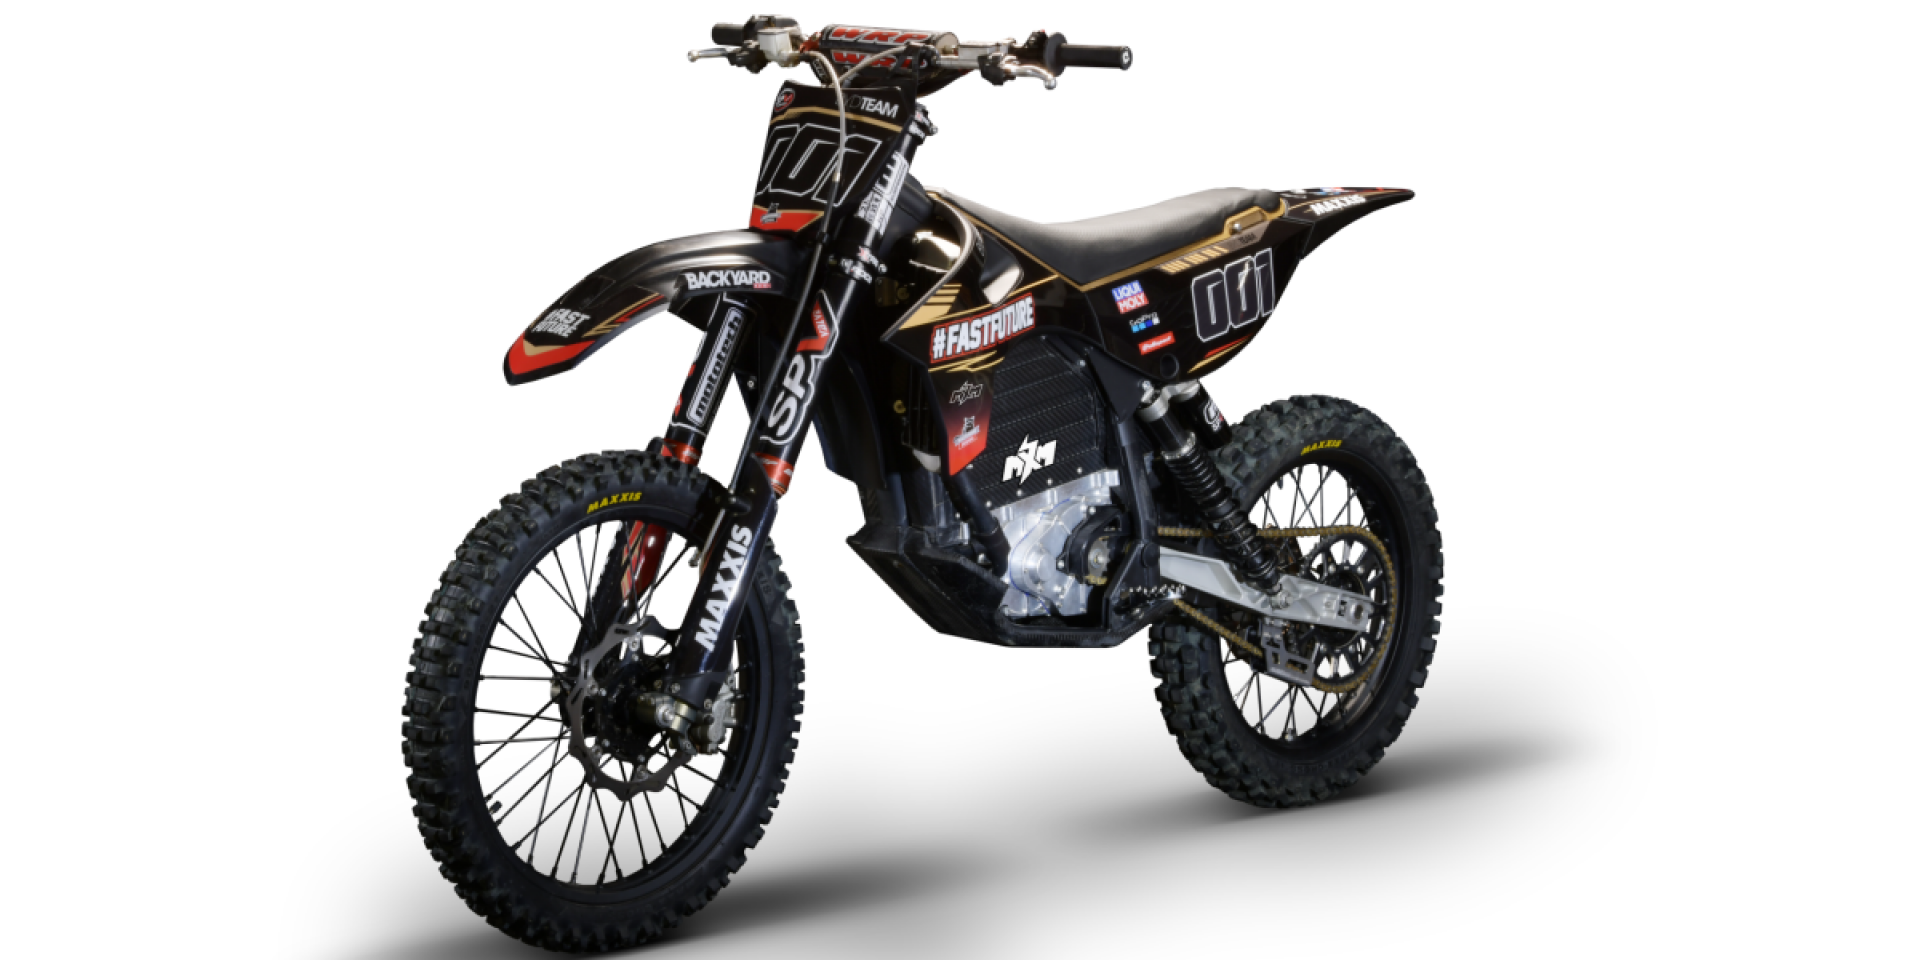 電動越野摩托車新勢力!MXM公布Enduro Prototype全新計畫!